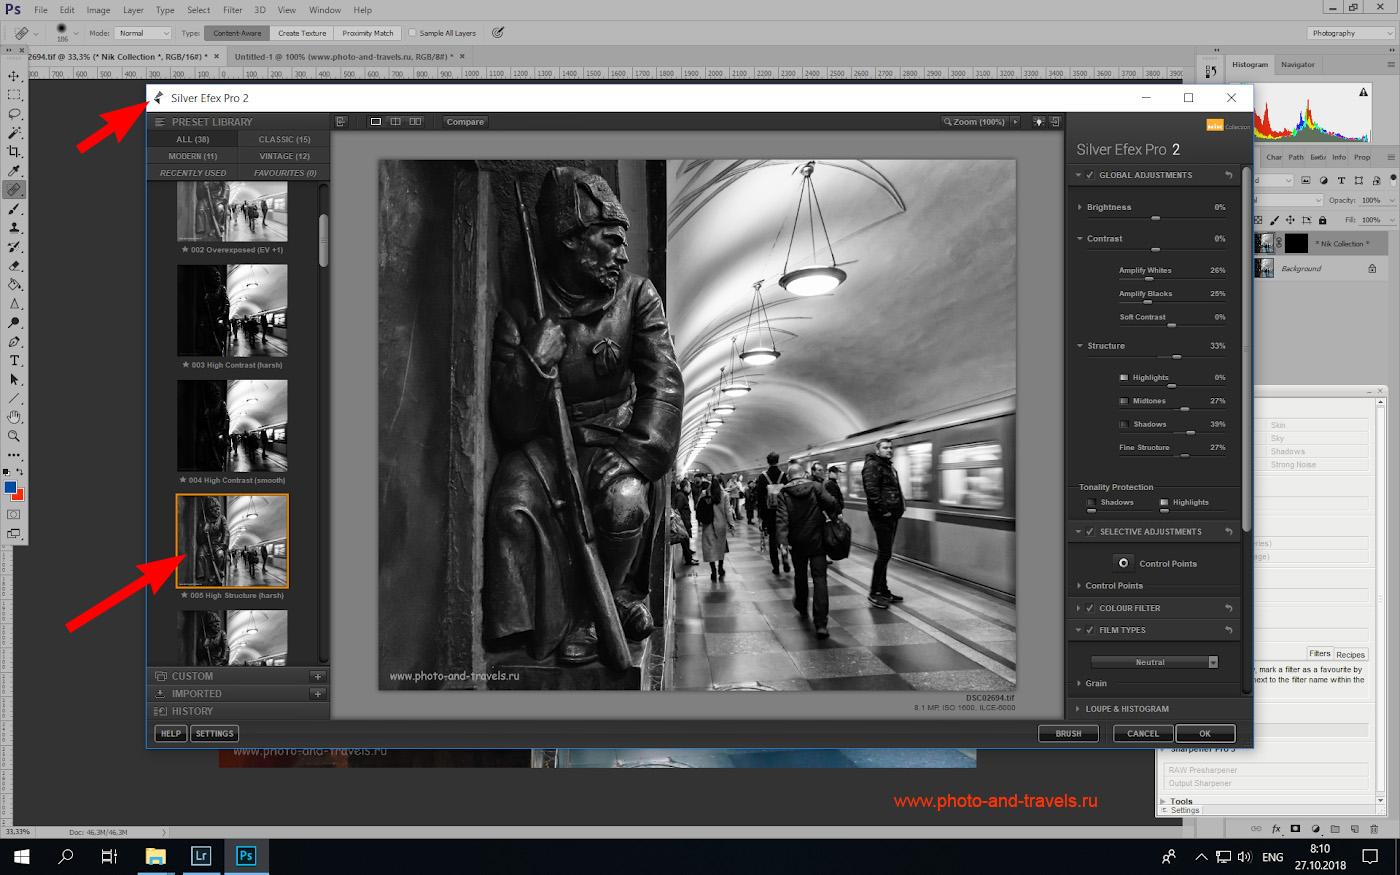 Фото 39. Применение плагина «Silver Efex Pro 2» для создания черно-белого изображения в «Photoshop». Справа на панели можно настроить разные параметры картинки.